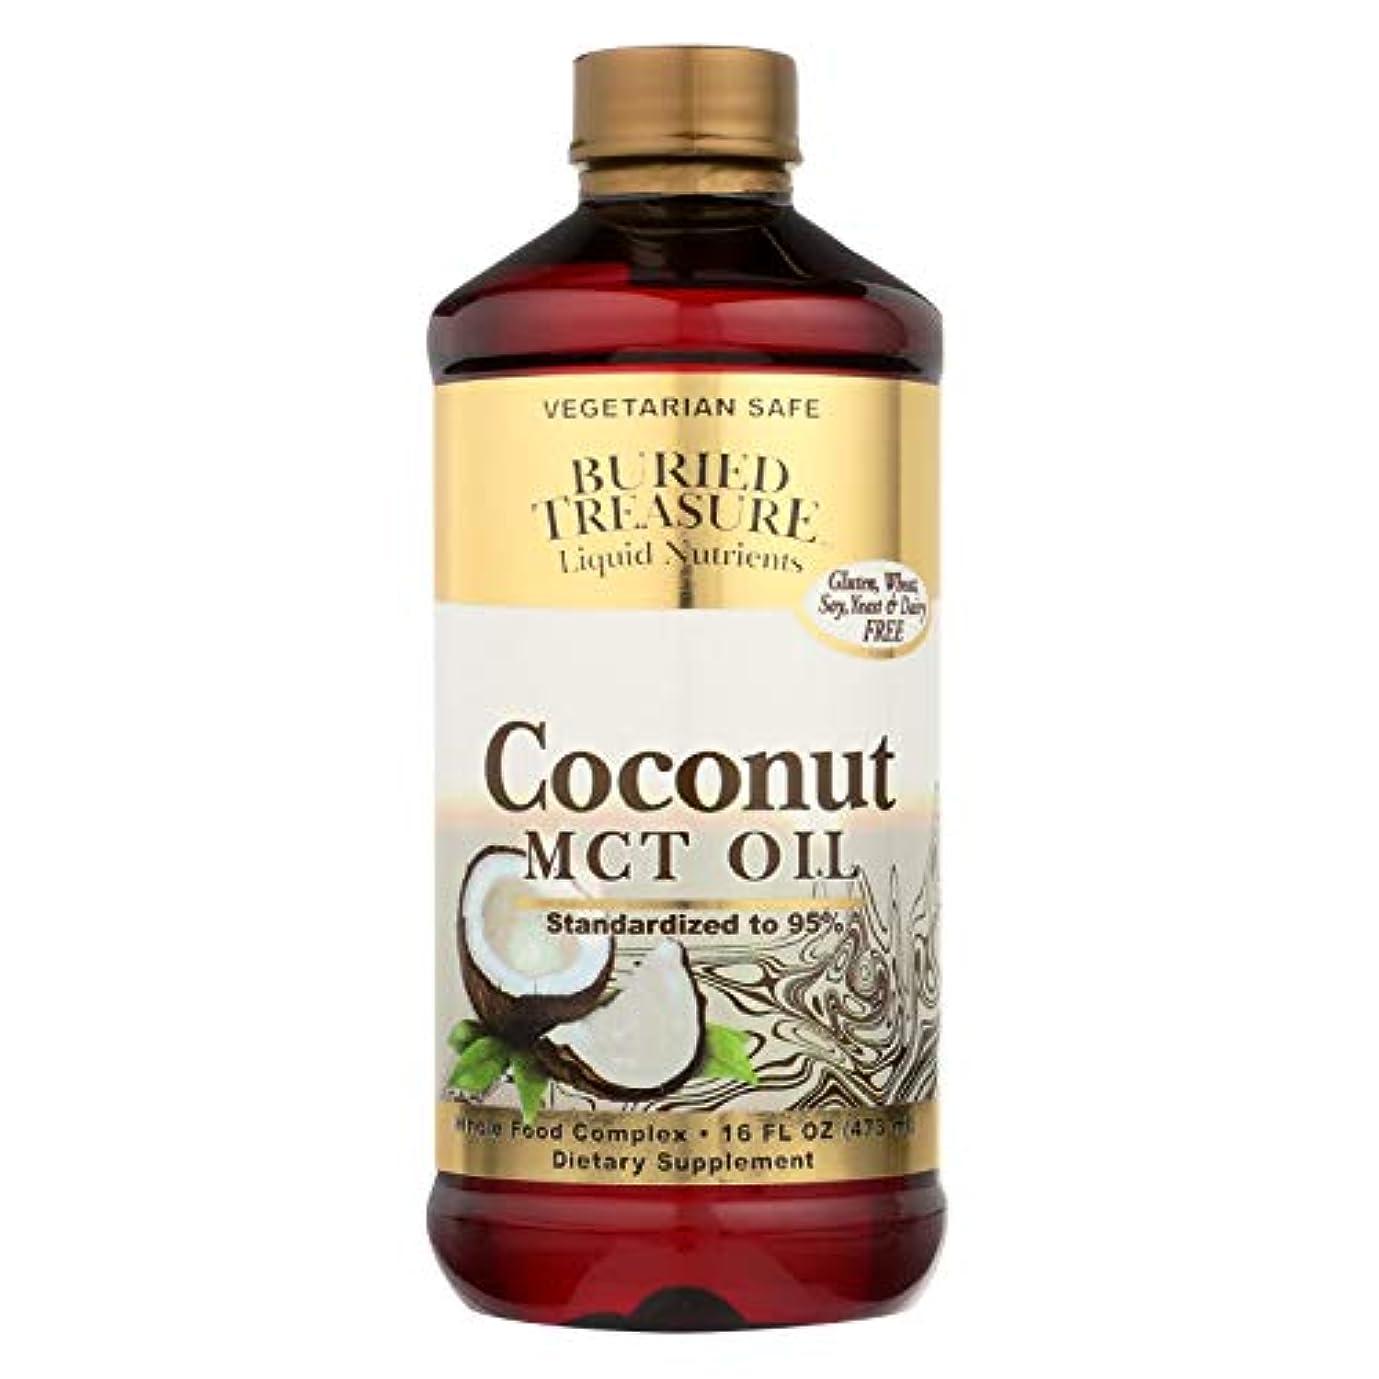 ハントゴネリル開いた海外直送品Coconut Oil MCT, 16 oz by Buried Treasure